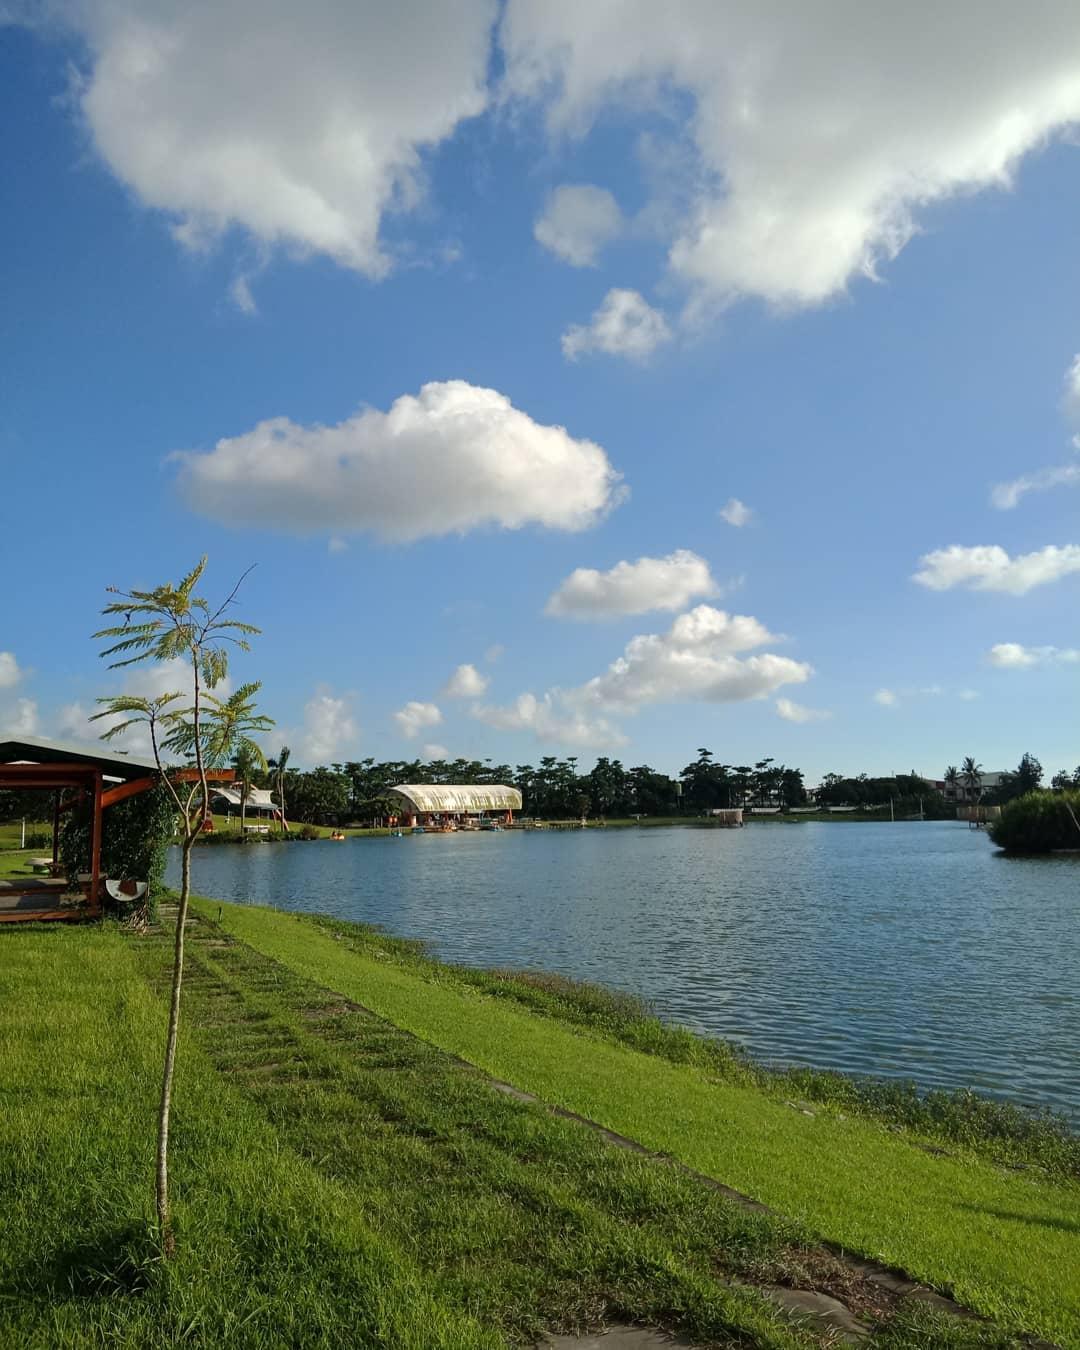 青山綠水,在這裡能欣賞最簡單的田園風光。